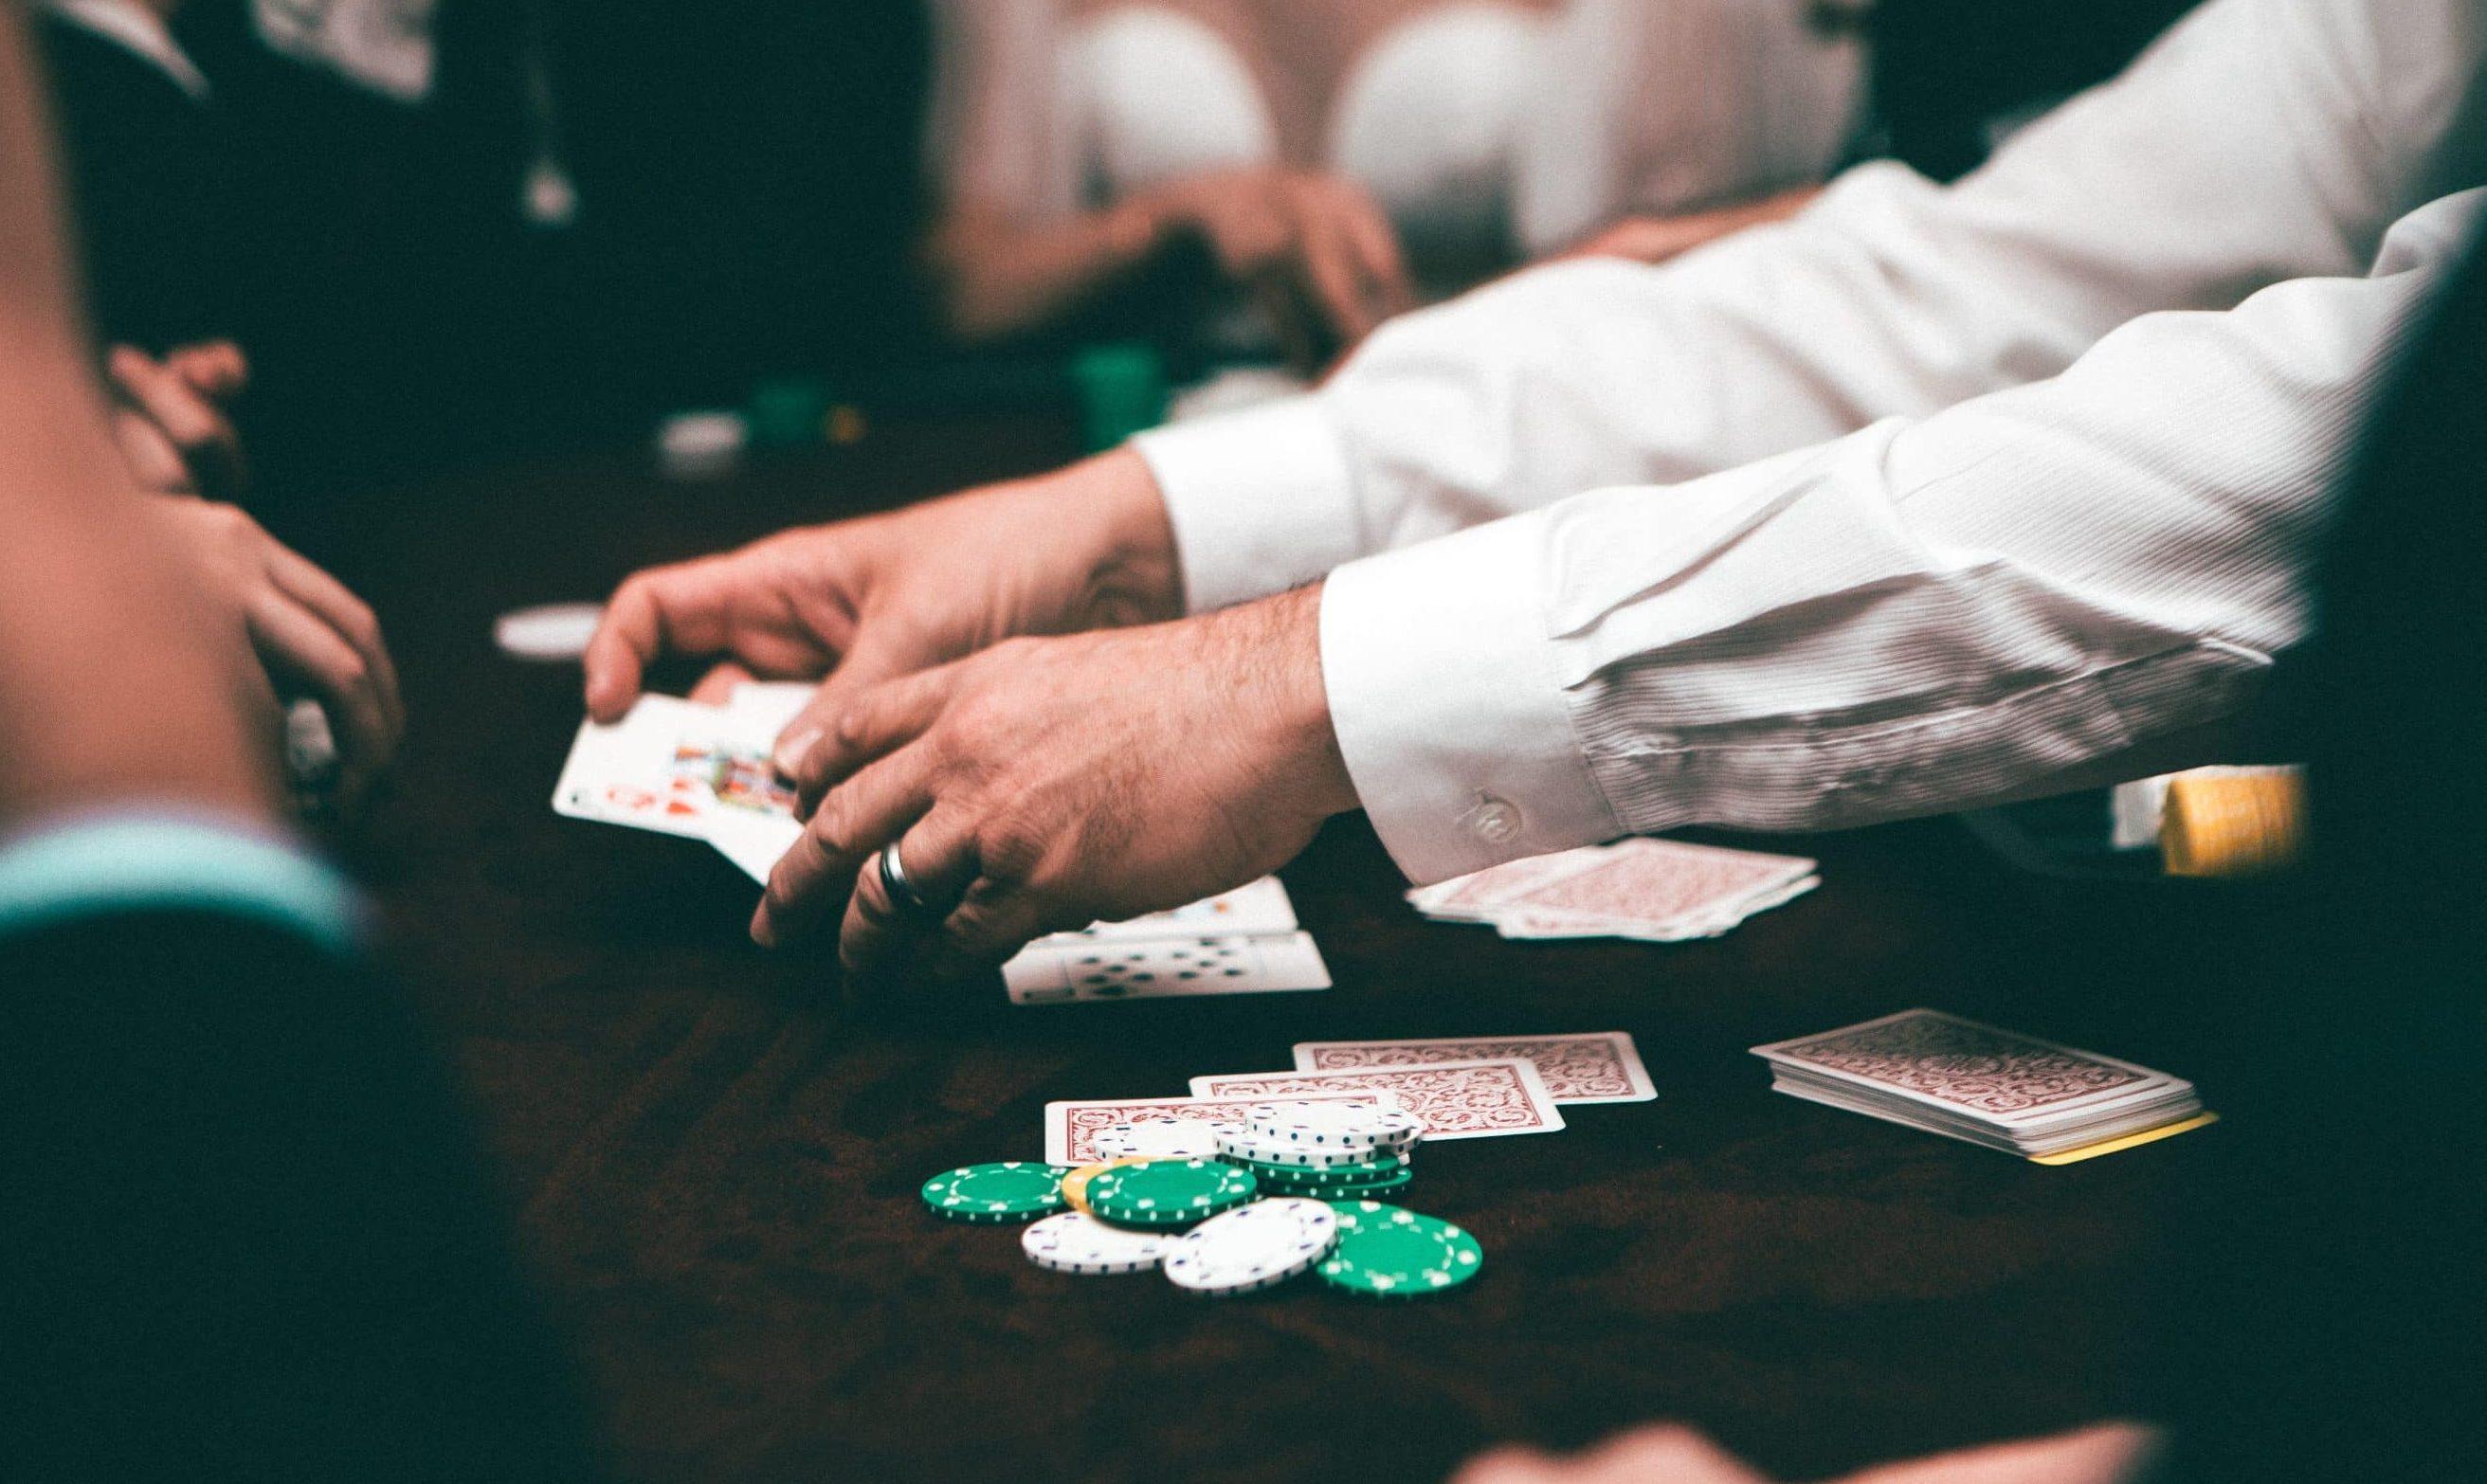 La BET nel poker: quando e perché puntare nel Texas Hold'Em